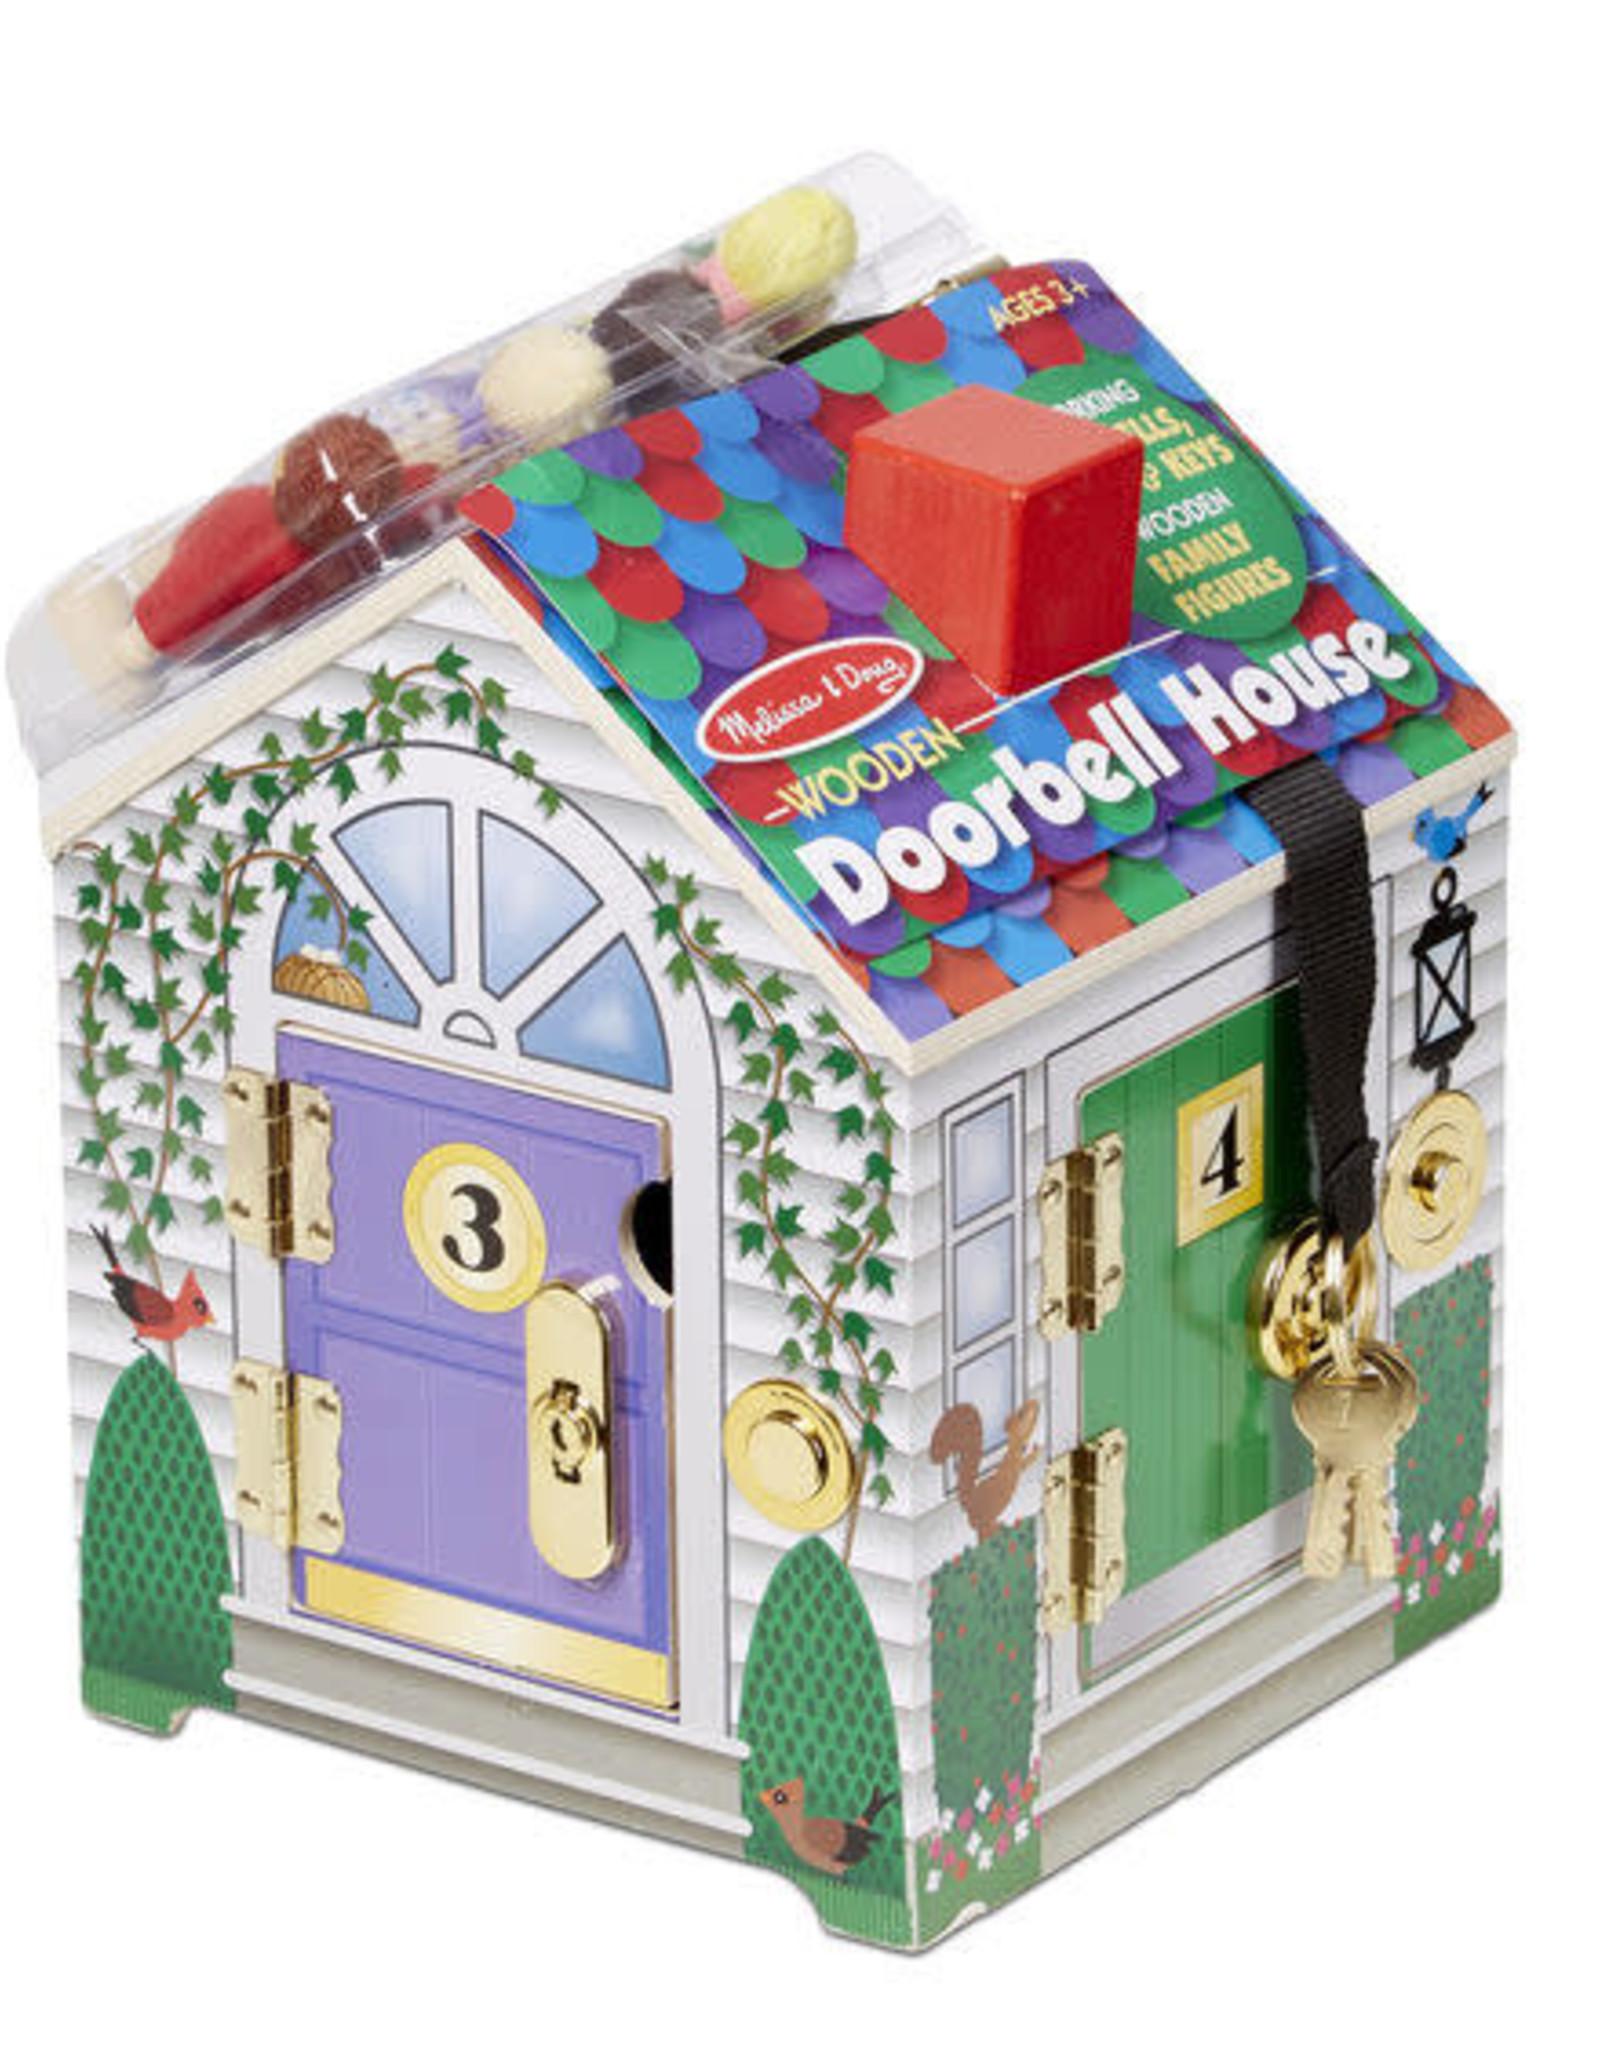 Melissa & Doug MD Doorbell House